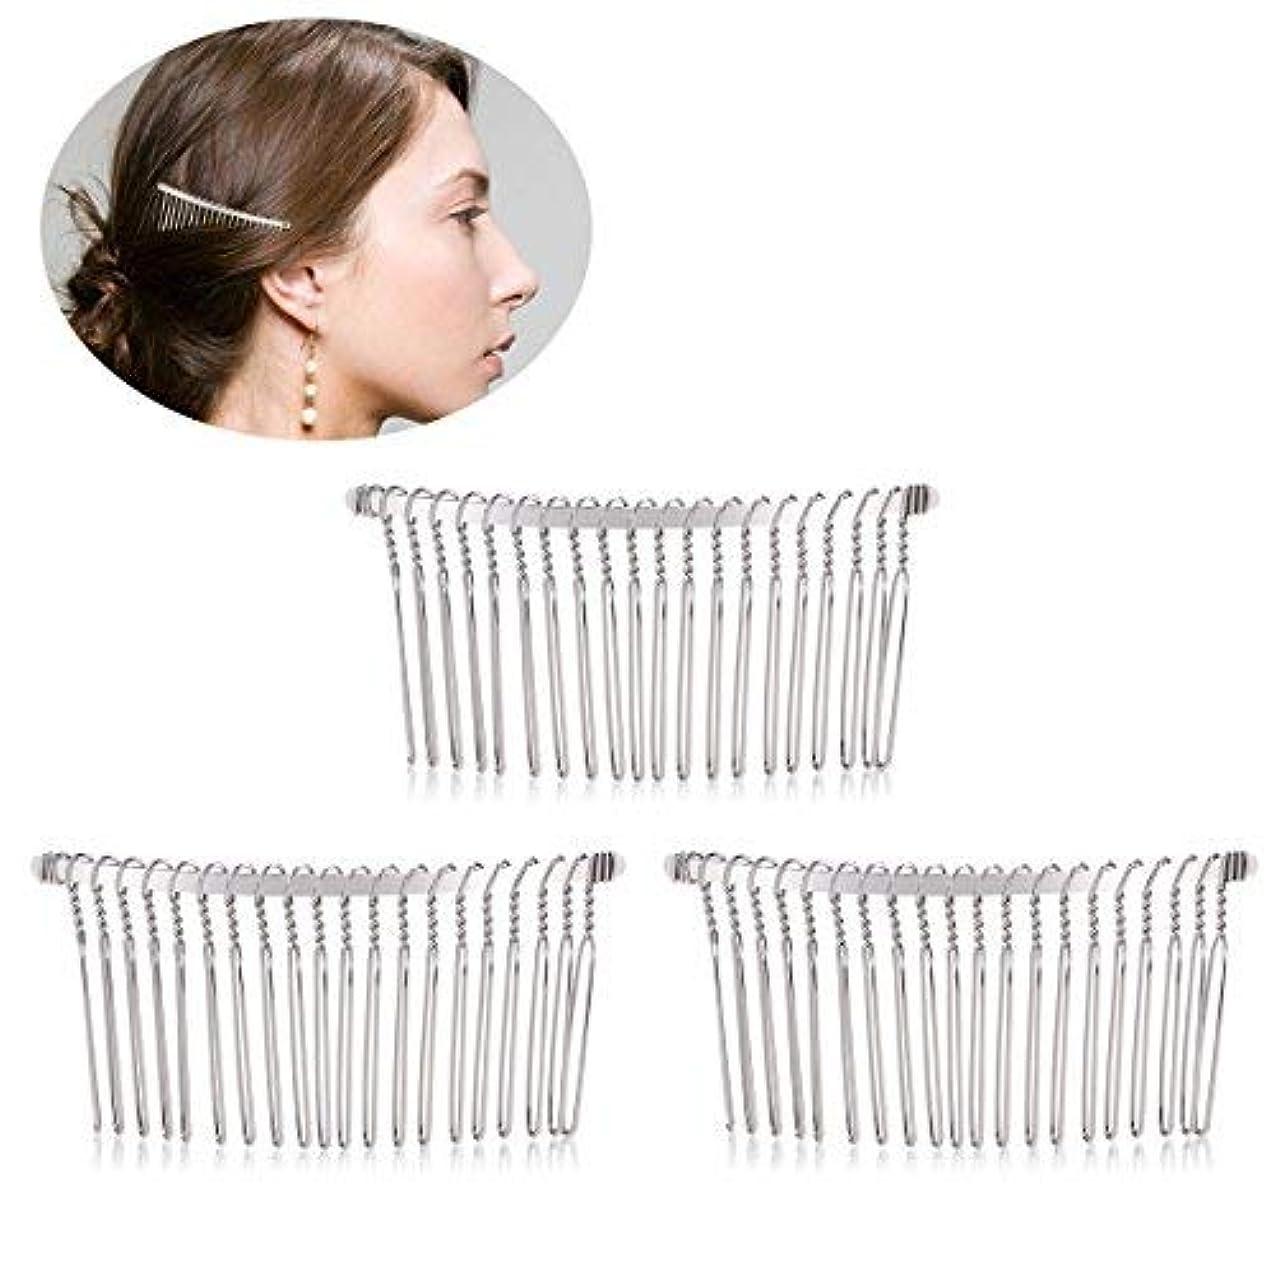 環境保護主義者おもてなしあざPixnor 3pcs 7.8cm 20 Teeth Fancy DIY Metal Wire Hair Clip Combs Bridal Wedding Veil Combs (Silver) [並行輸入品]